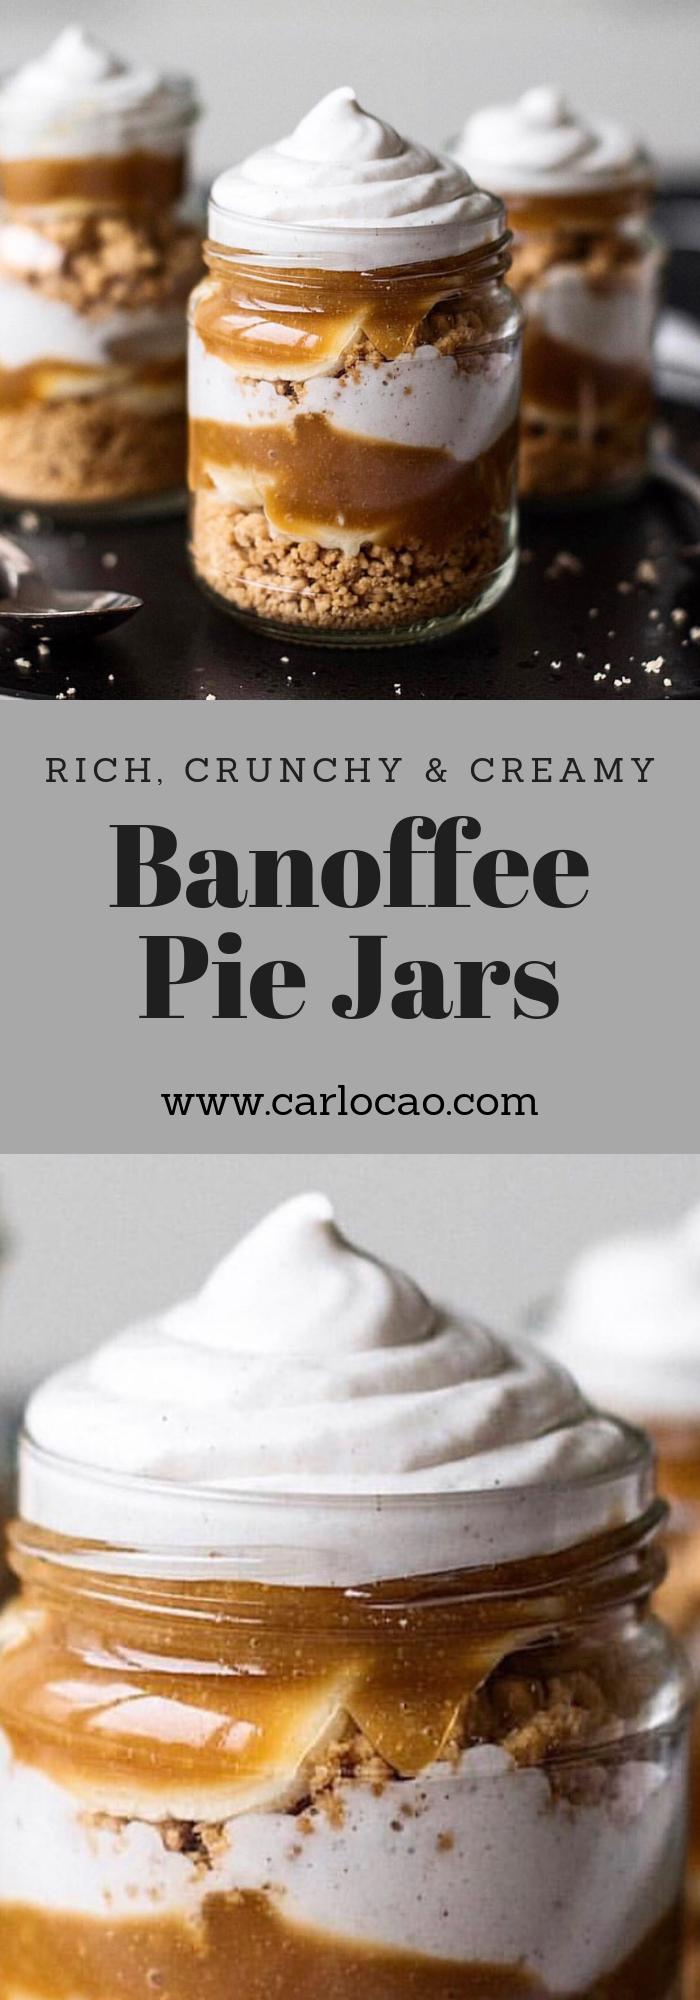 Banoffee-Pie-Jars.png